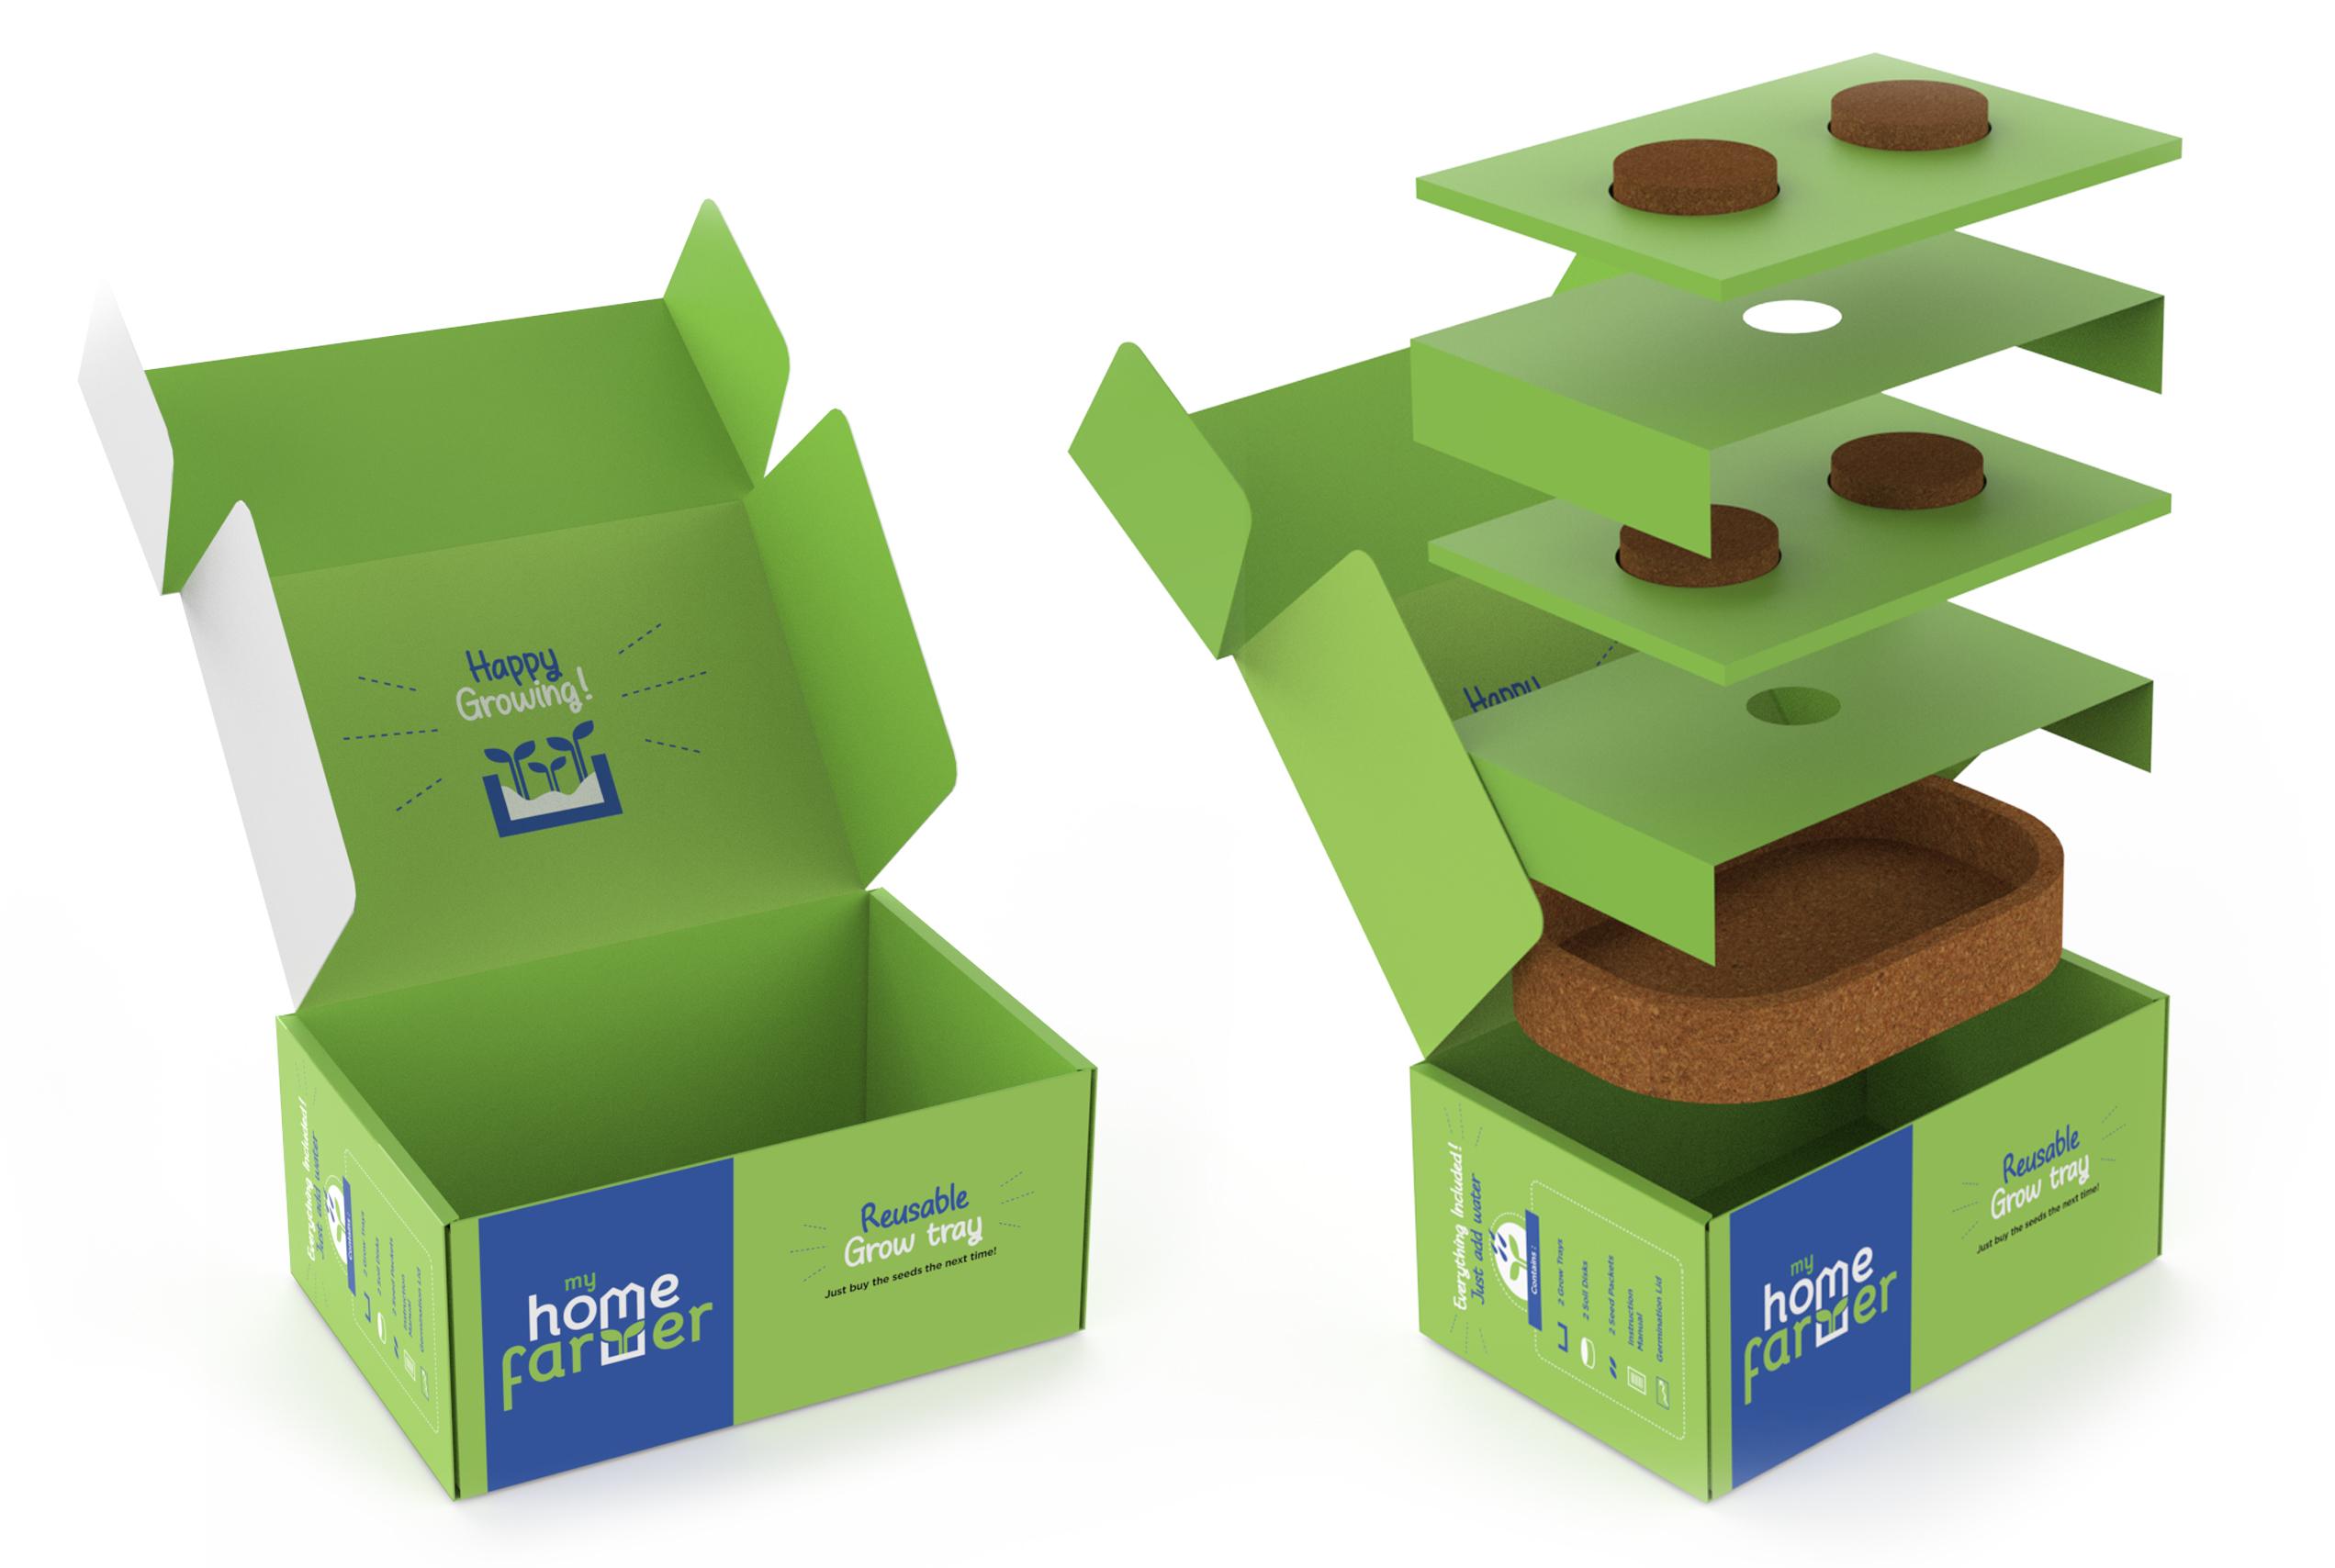 Brand & Packaging Design for Grow Kit - MyHomeFarmer